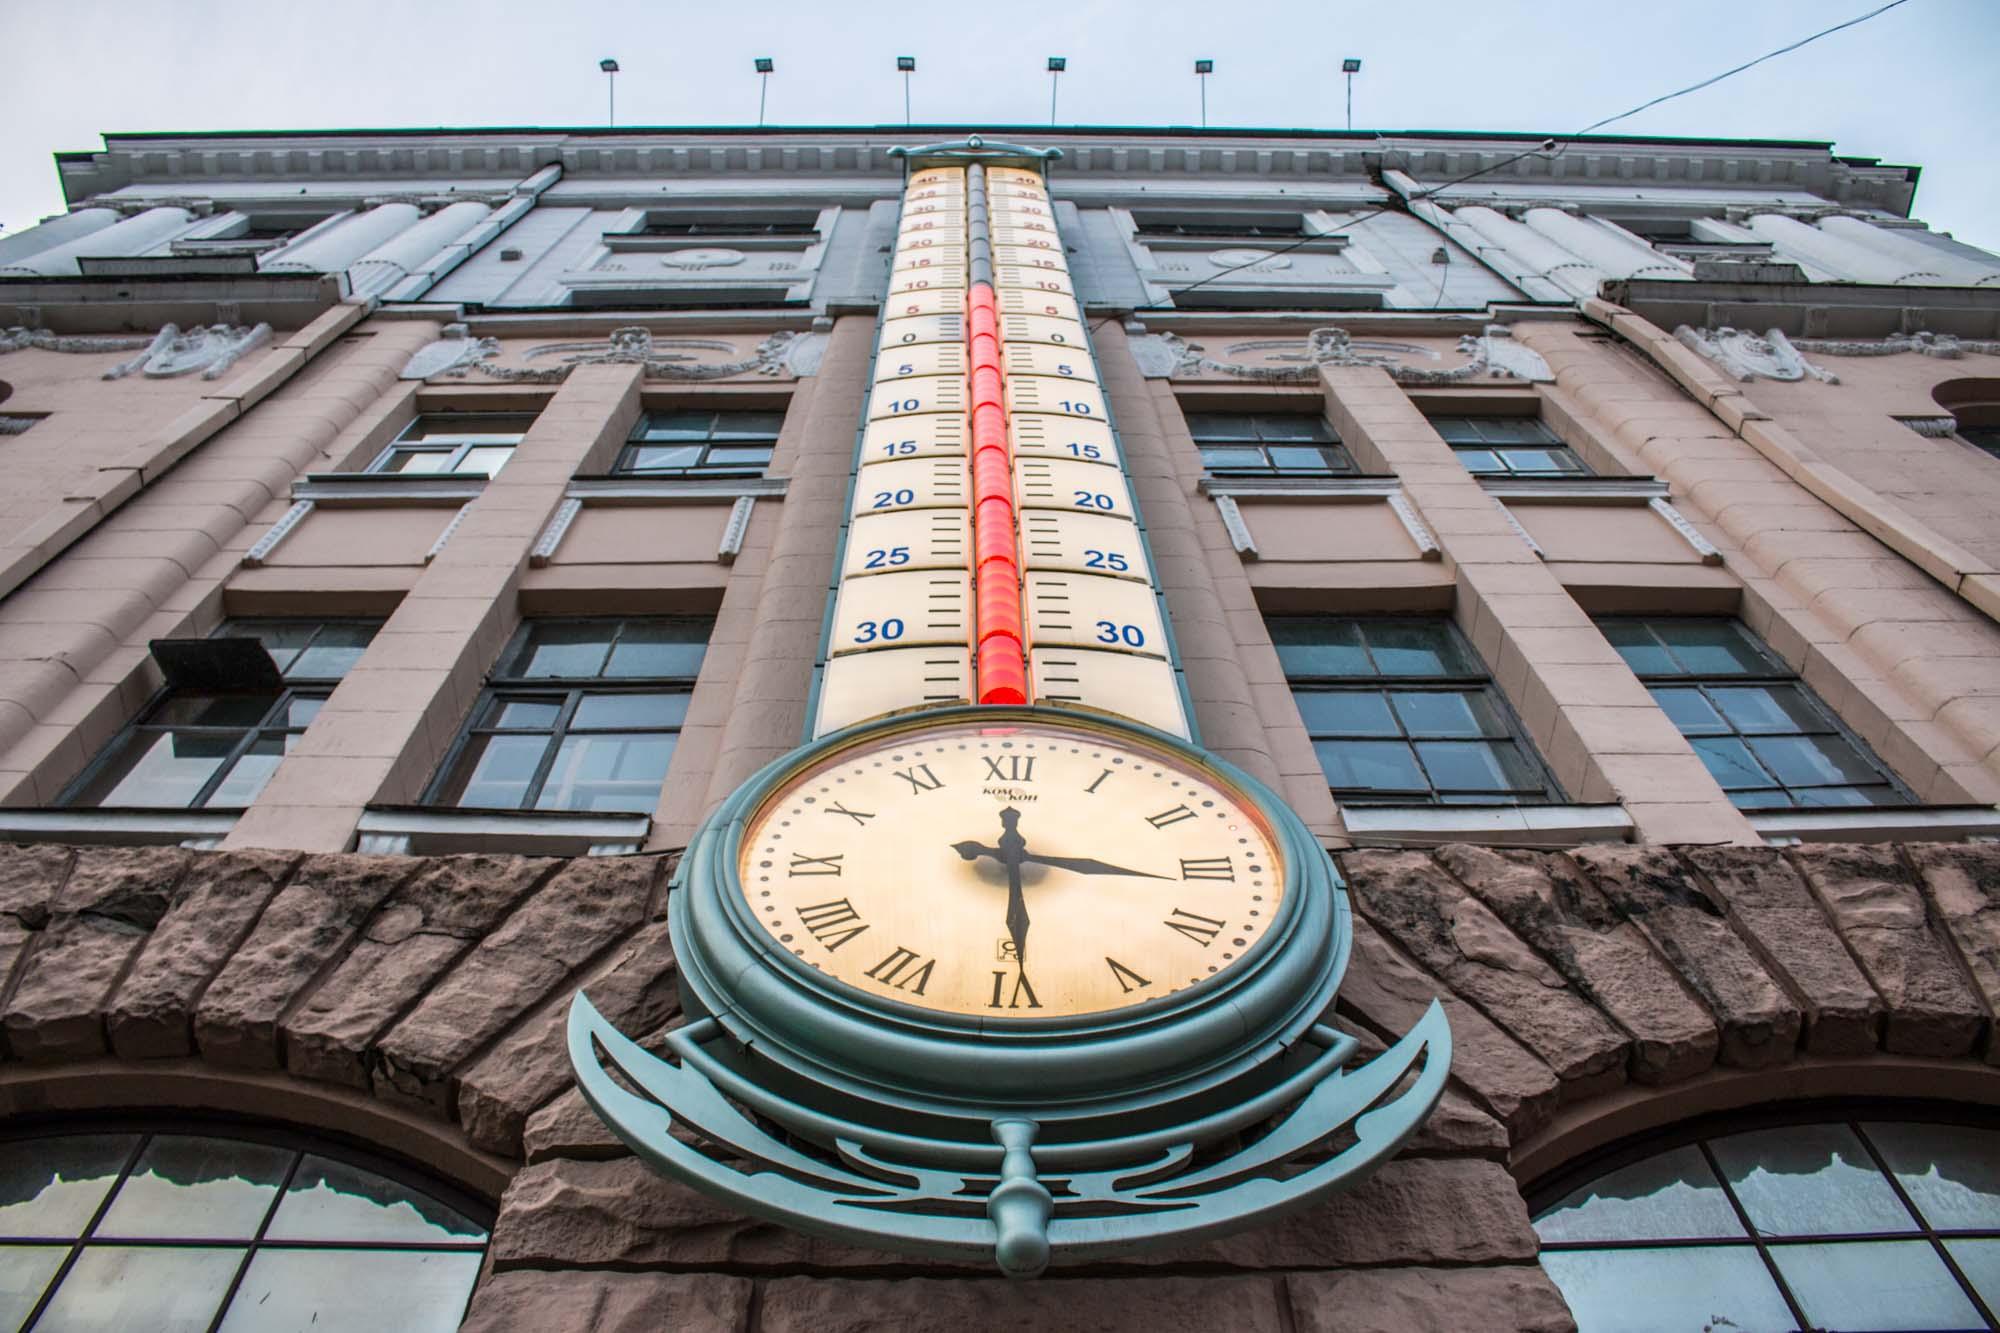 Charkiw Sehenswürdigkeiten Thermometer